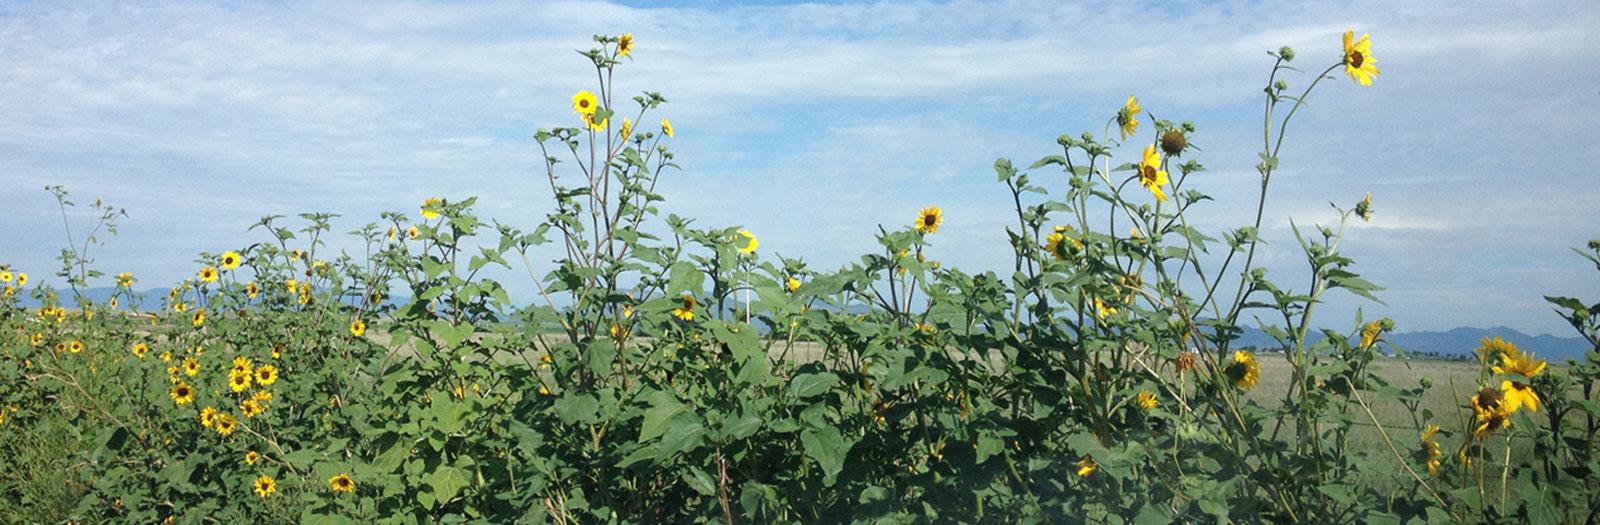 slider-flowers2